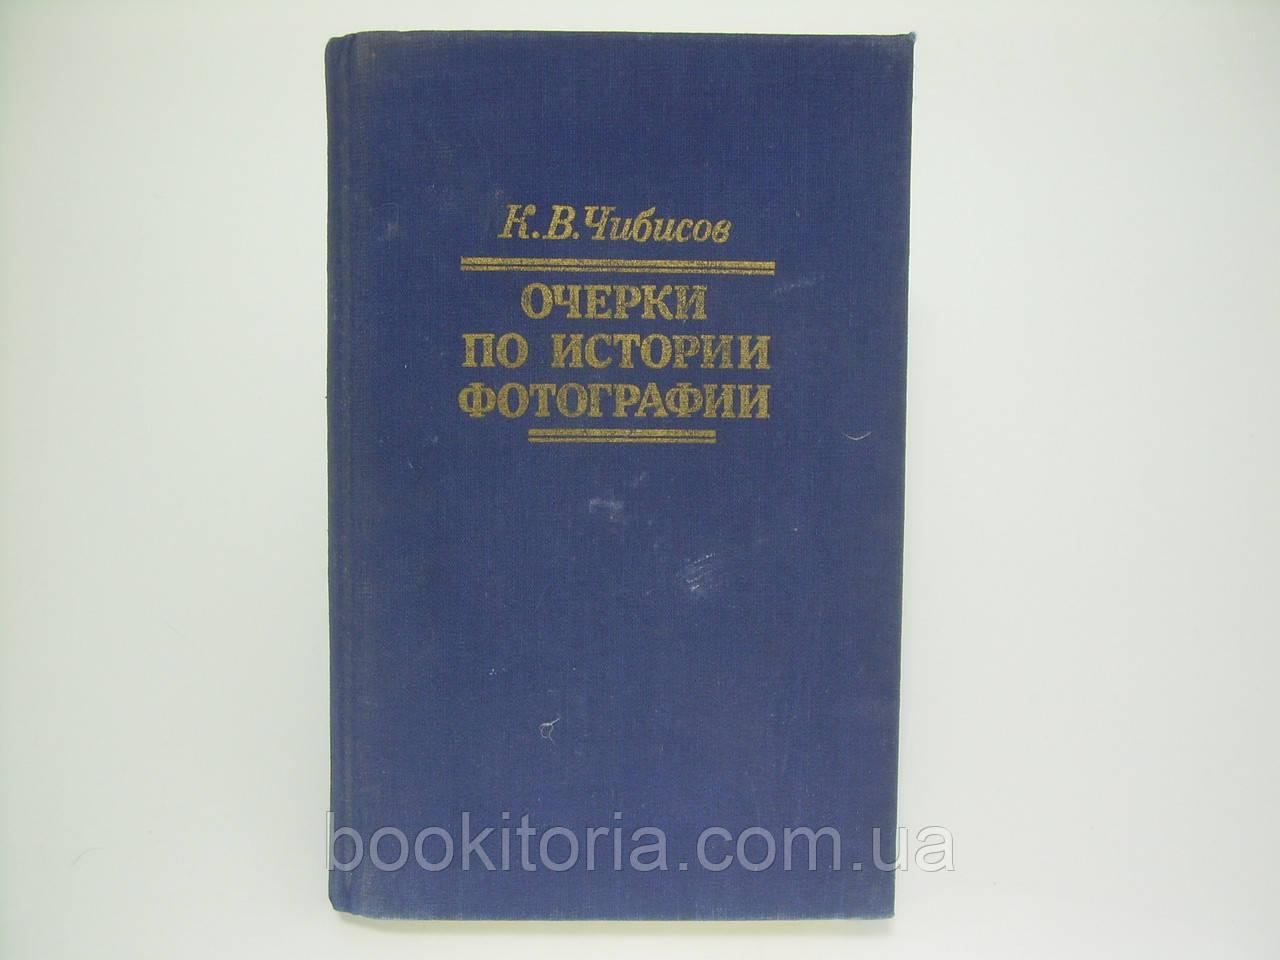 Чибисов К.В. Очерки по истории фотографии (б/у).